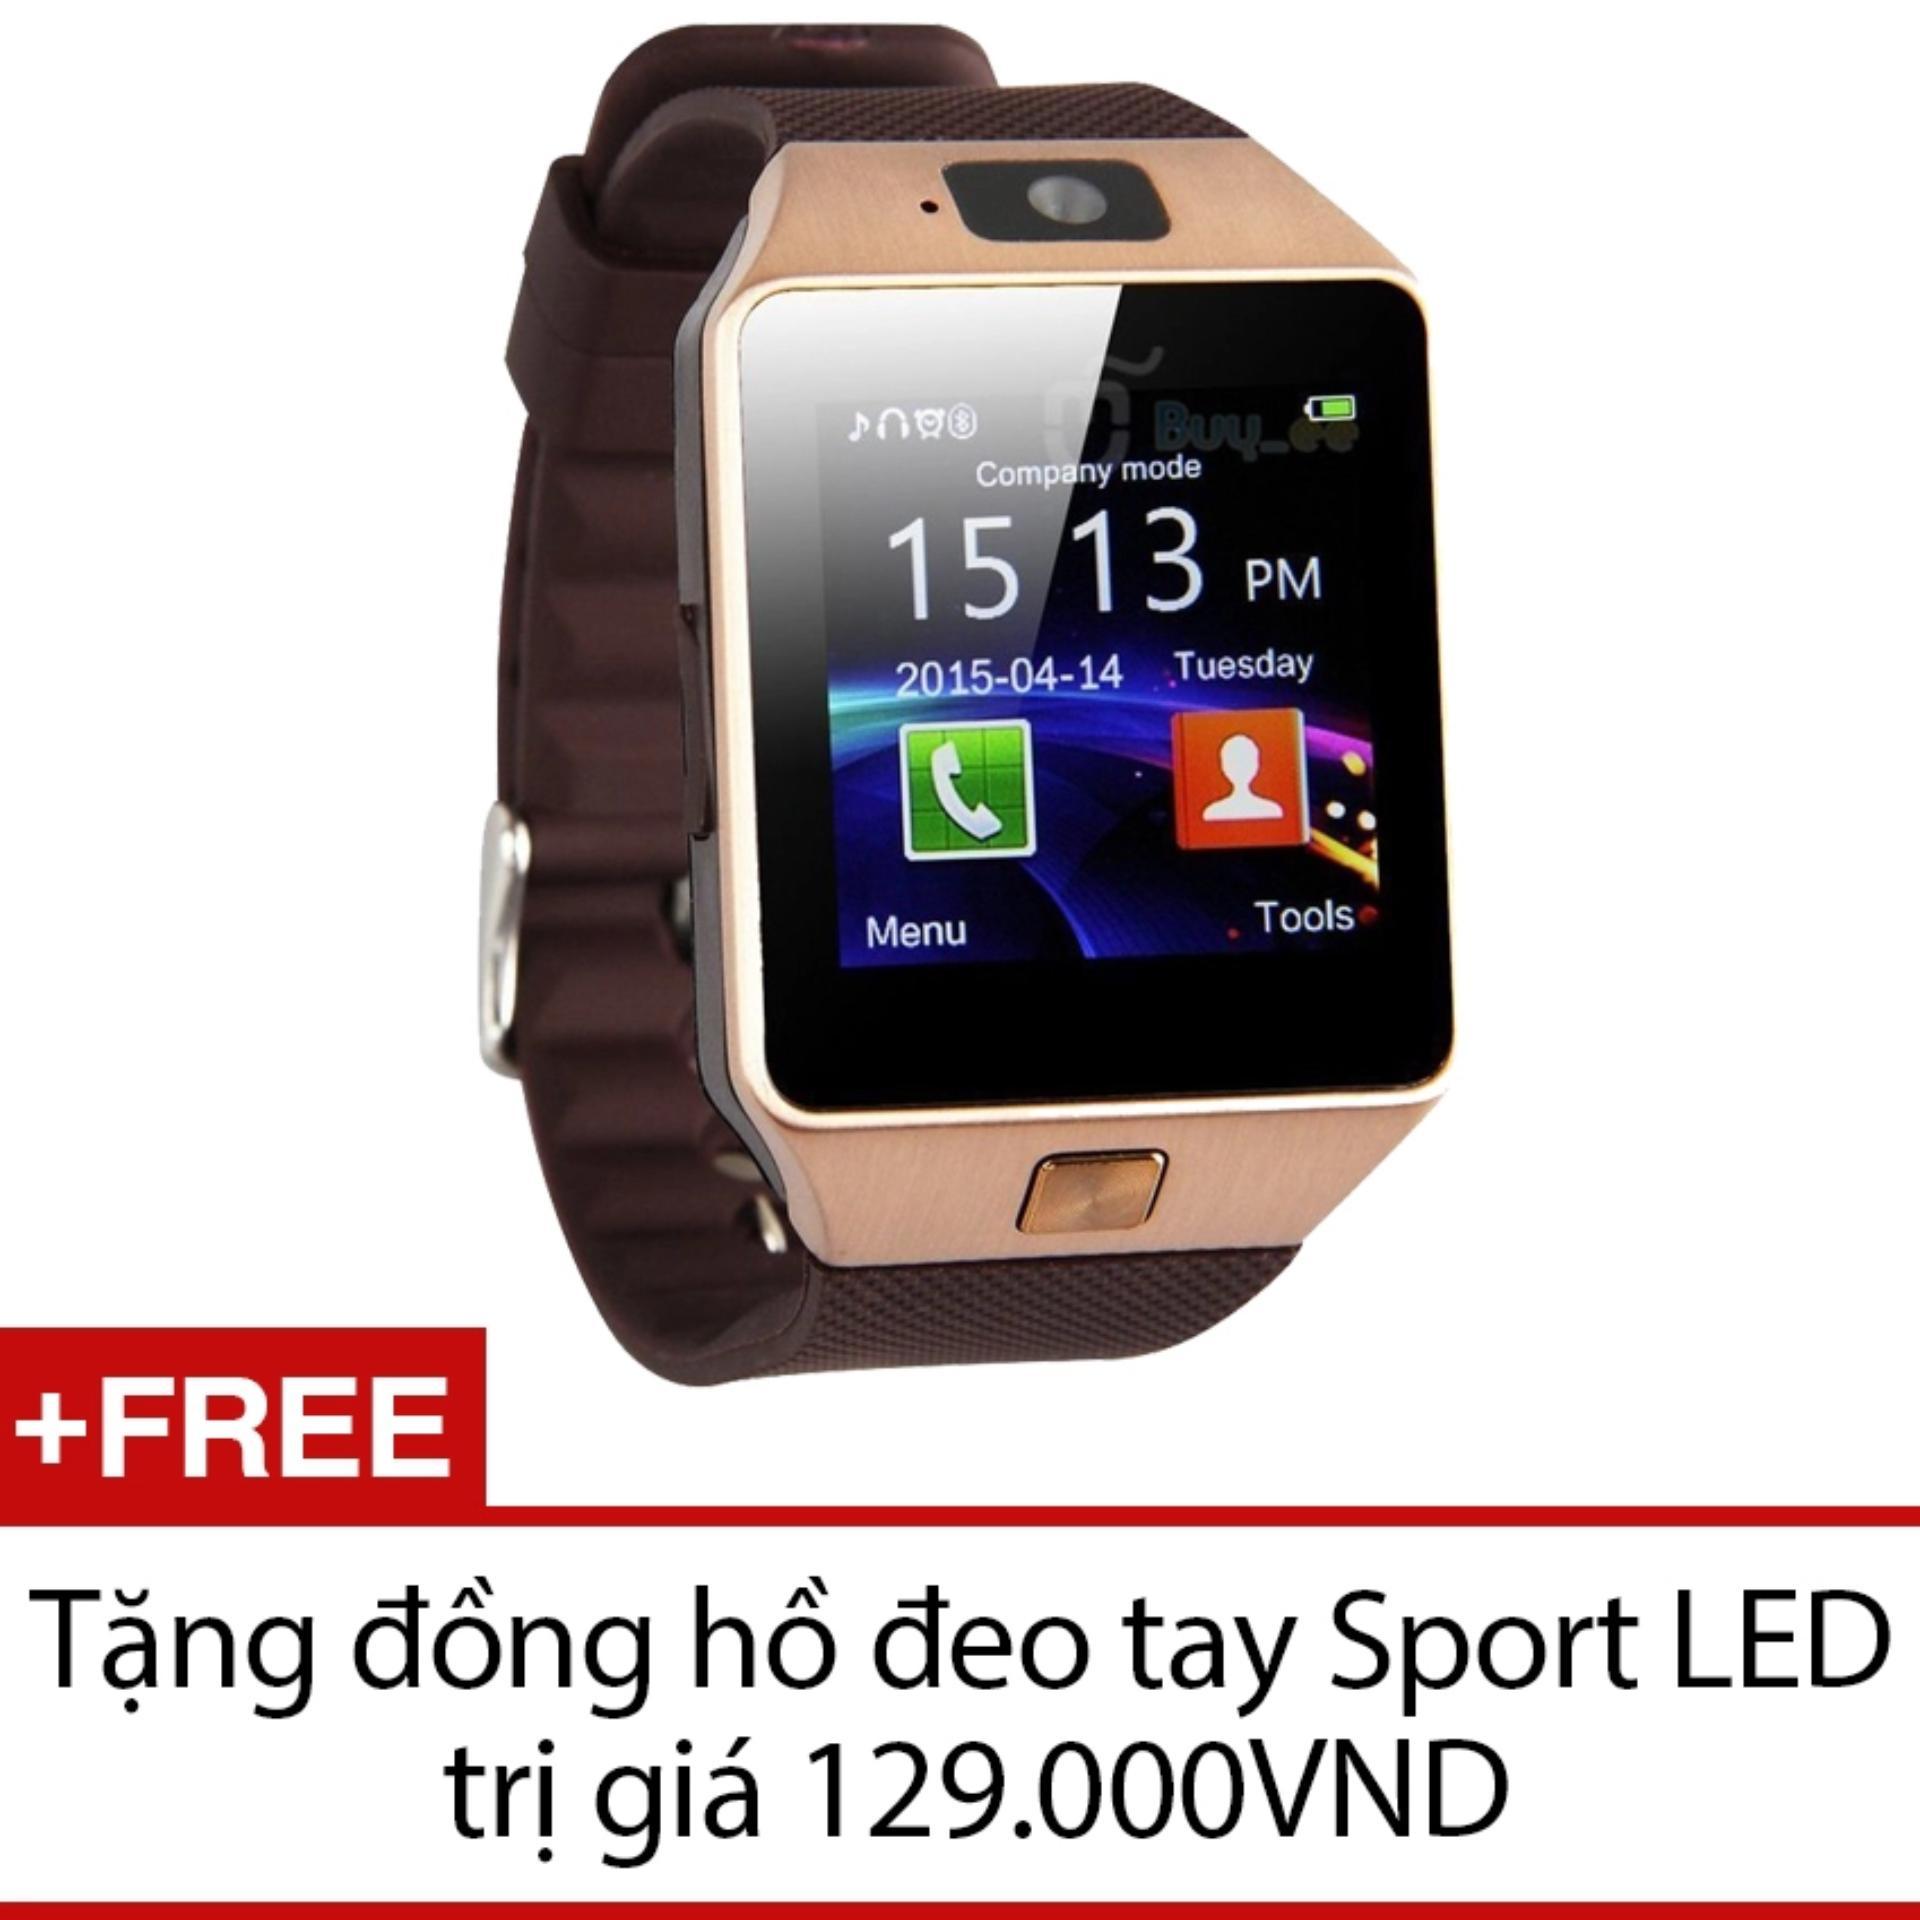 Đồng hồ thông minh Smart Watch Uwatch DZ09 (Vàng) + Tặng 1 đồng hồ đeo tay Sport LED